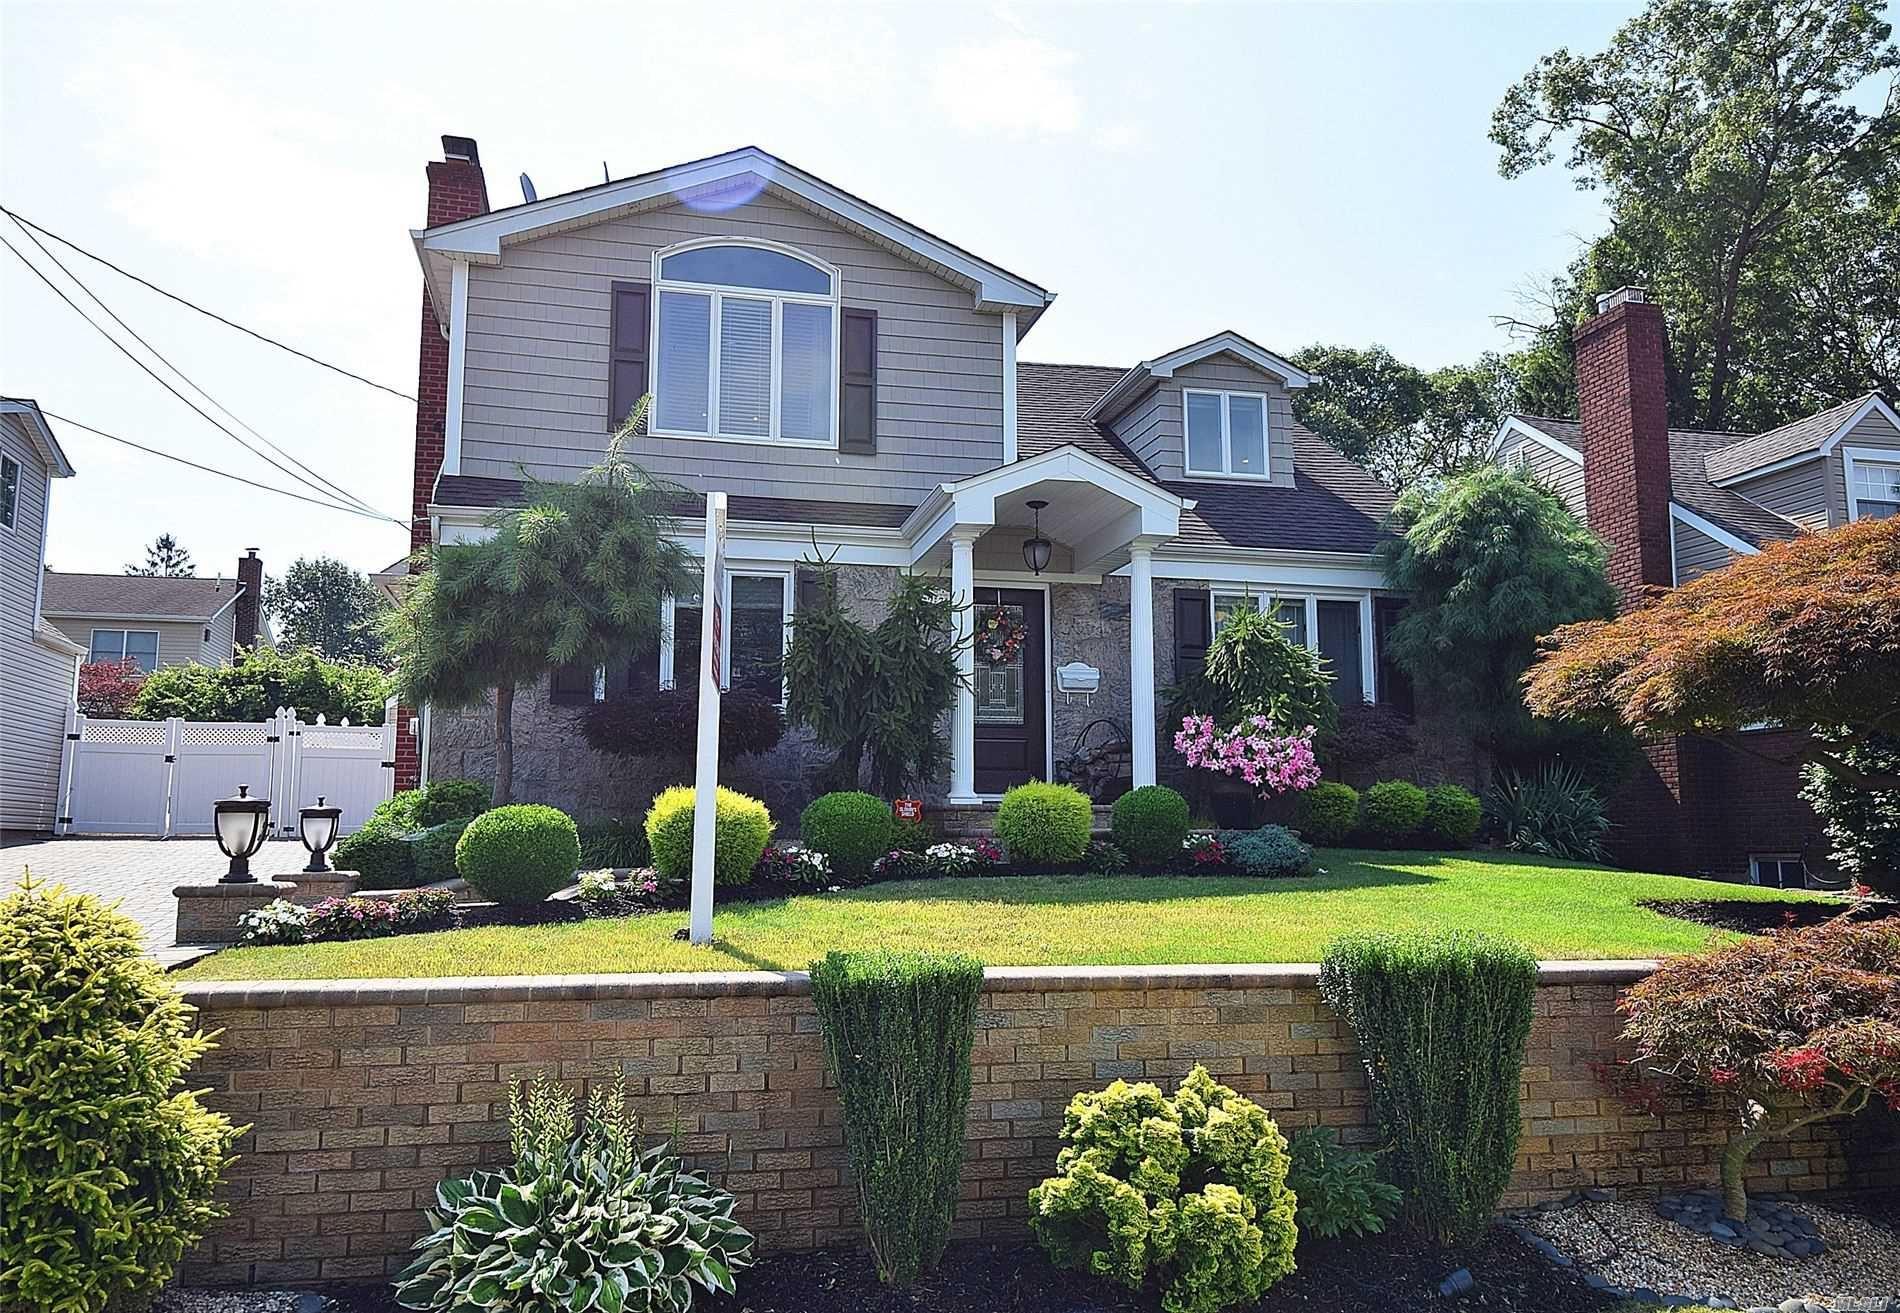 527 Harding, West Hempstead, NY 11552 - MLS#: 3198134